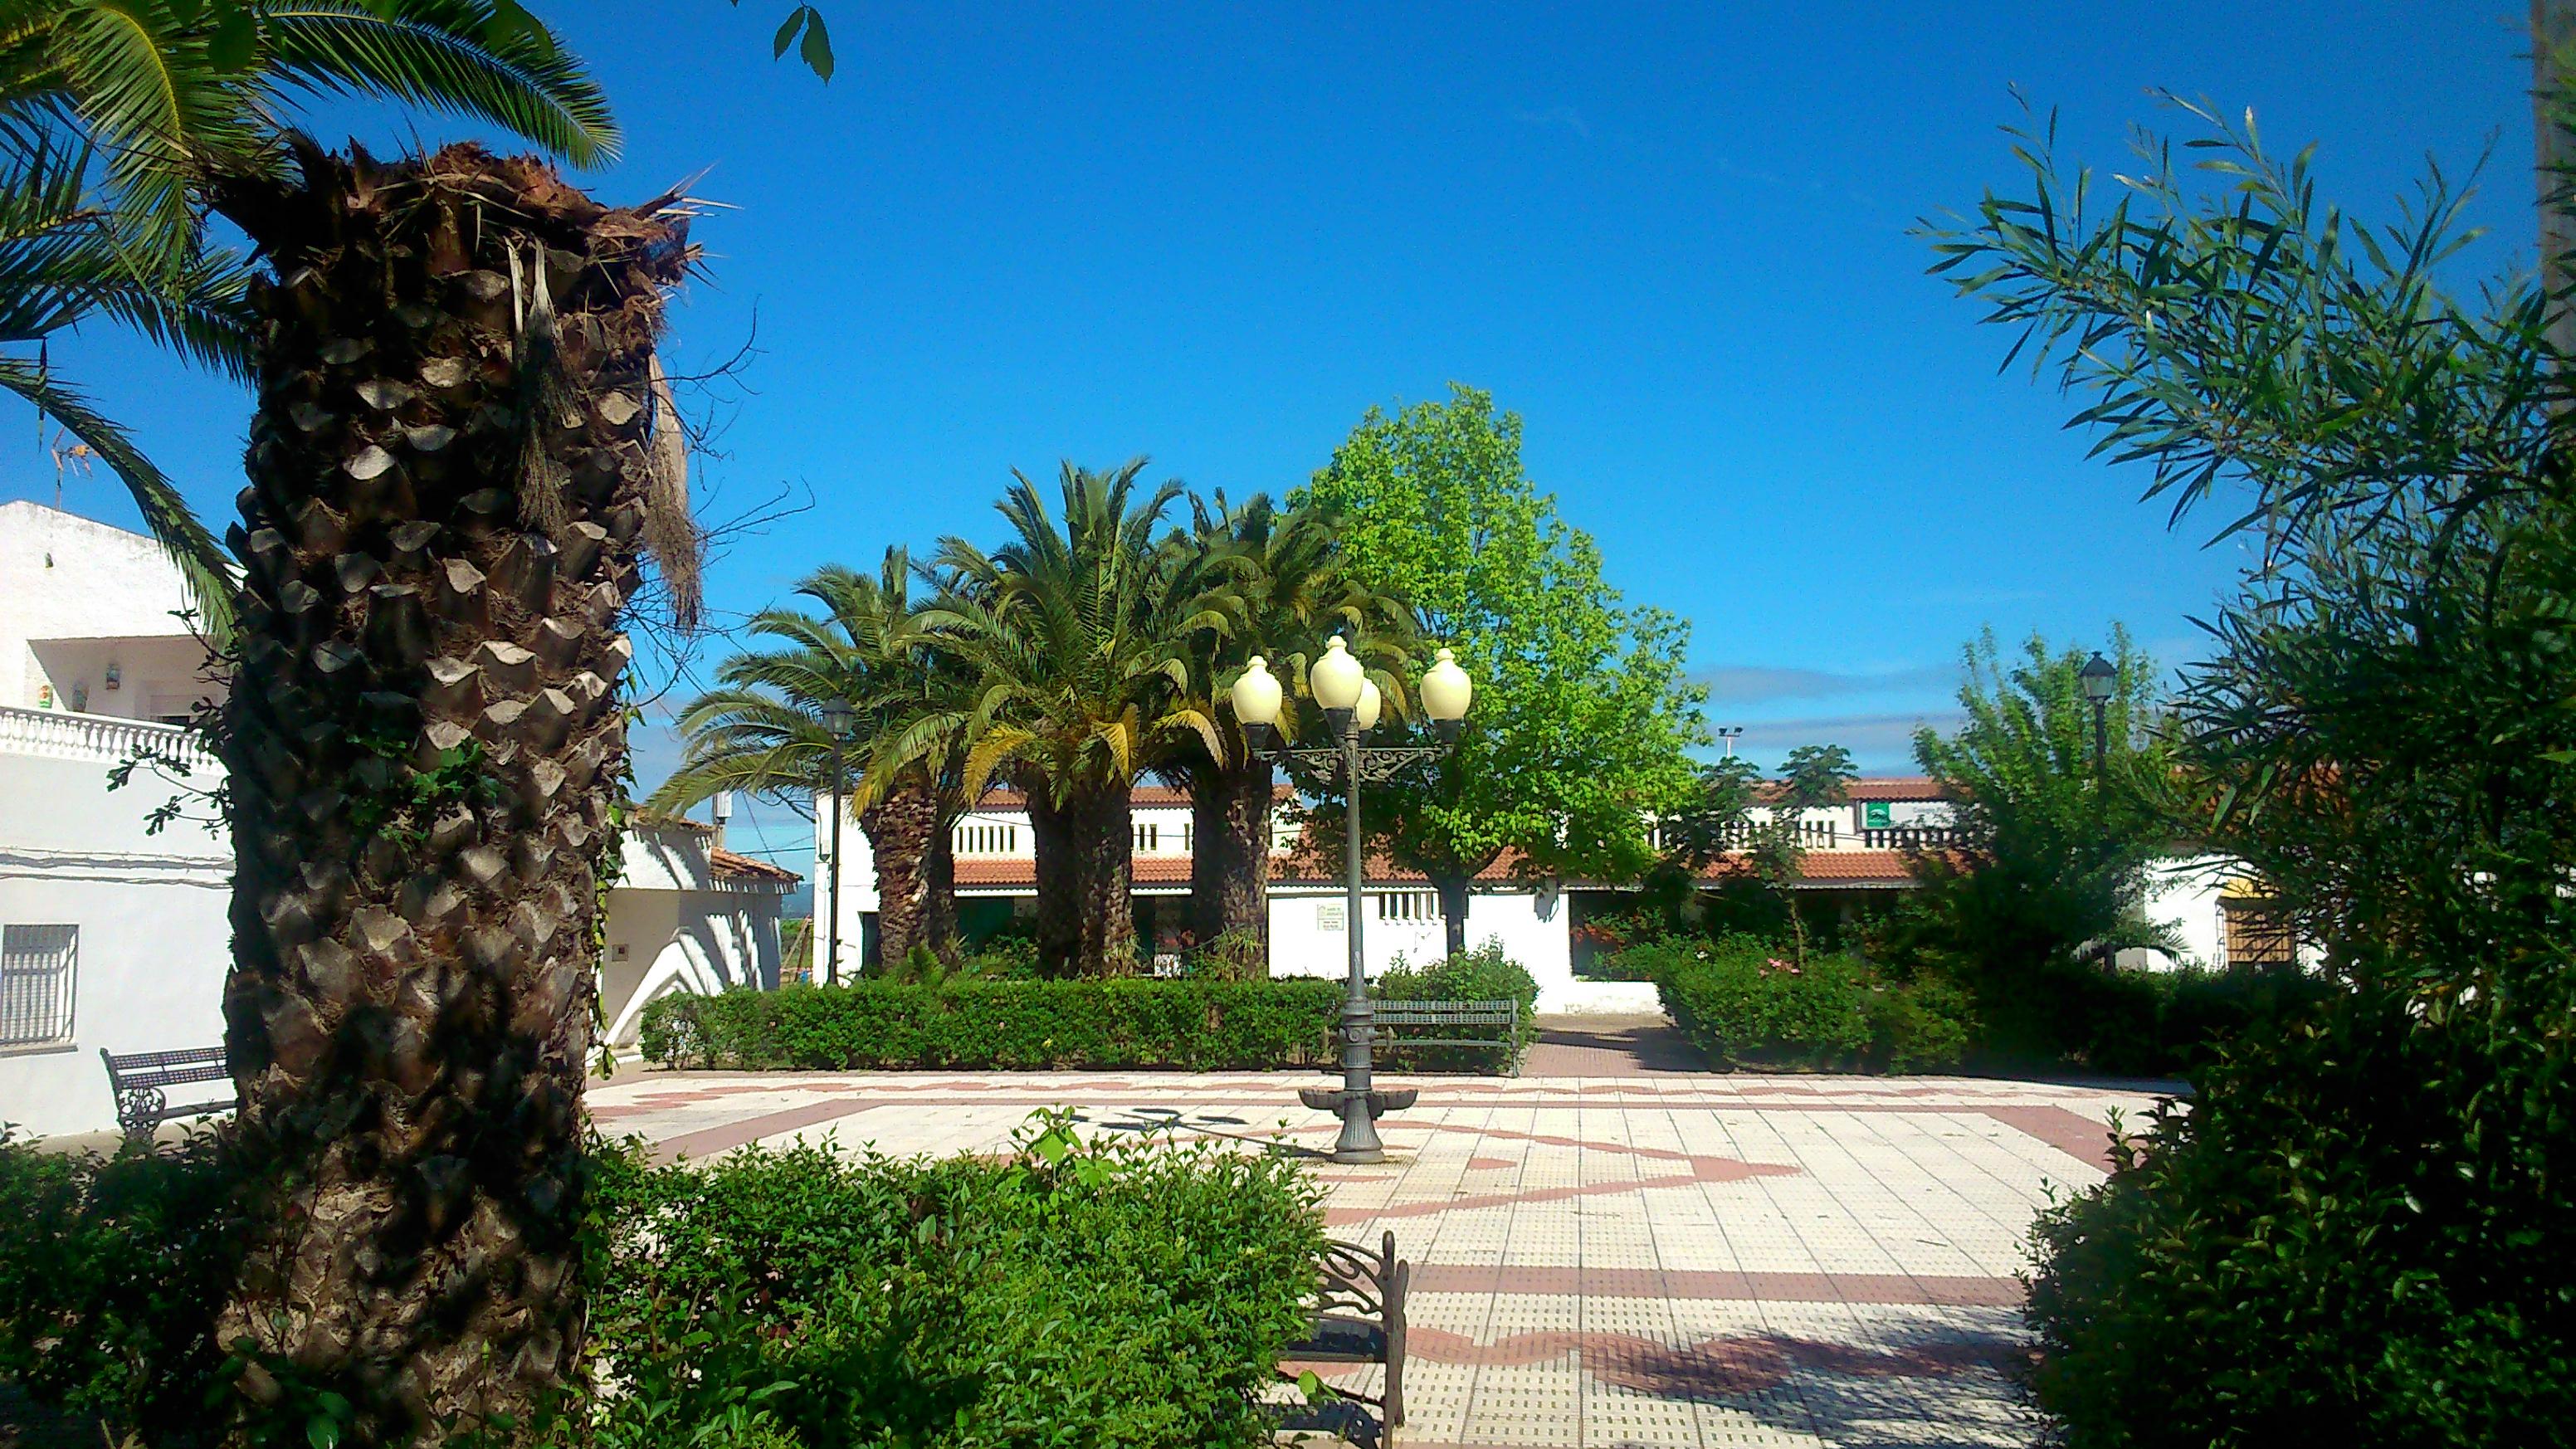 Plaza_mayor_de_puebla_de_la_parrilla